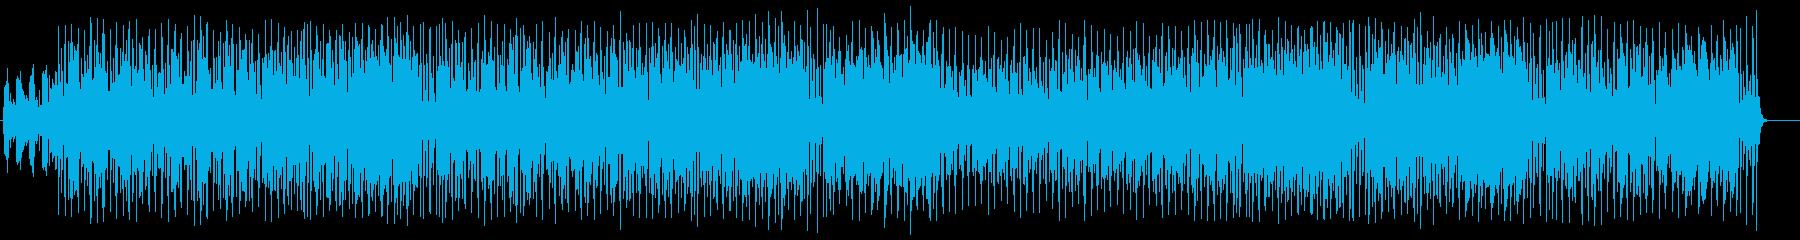 牧場のメルヘンなポップス(フルサイズ)の再生済みの波形